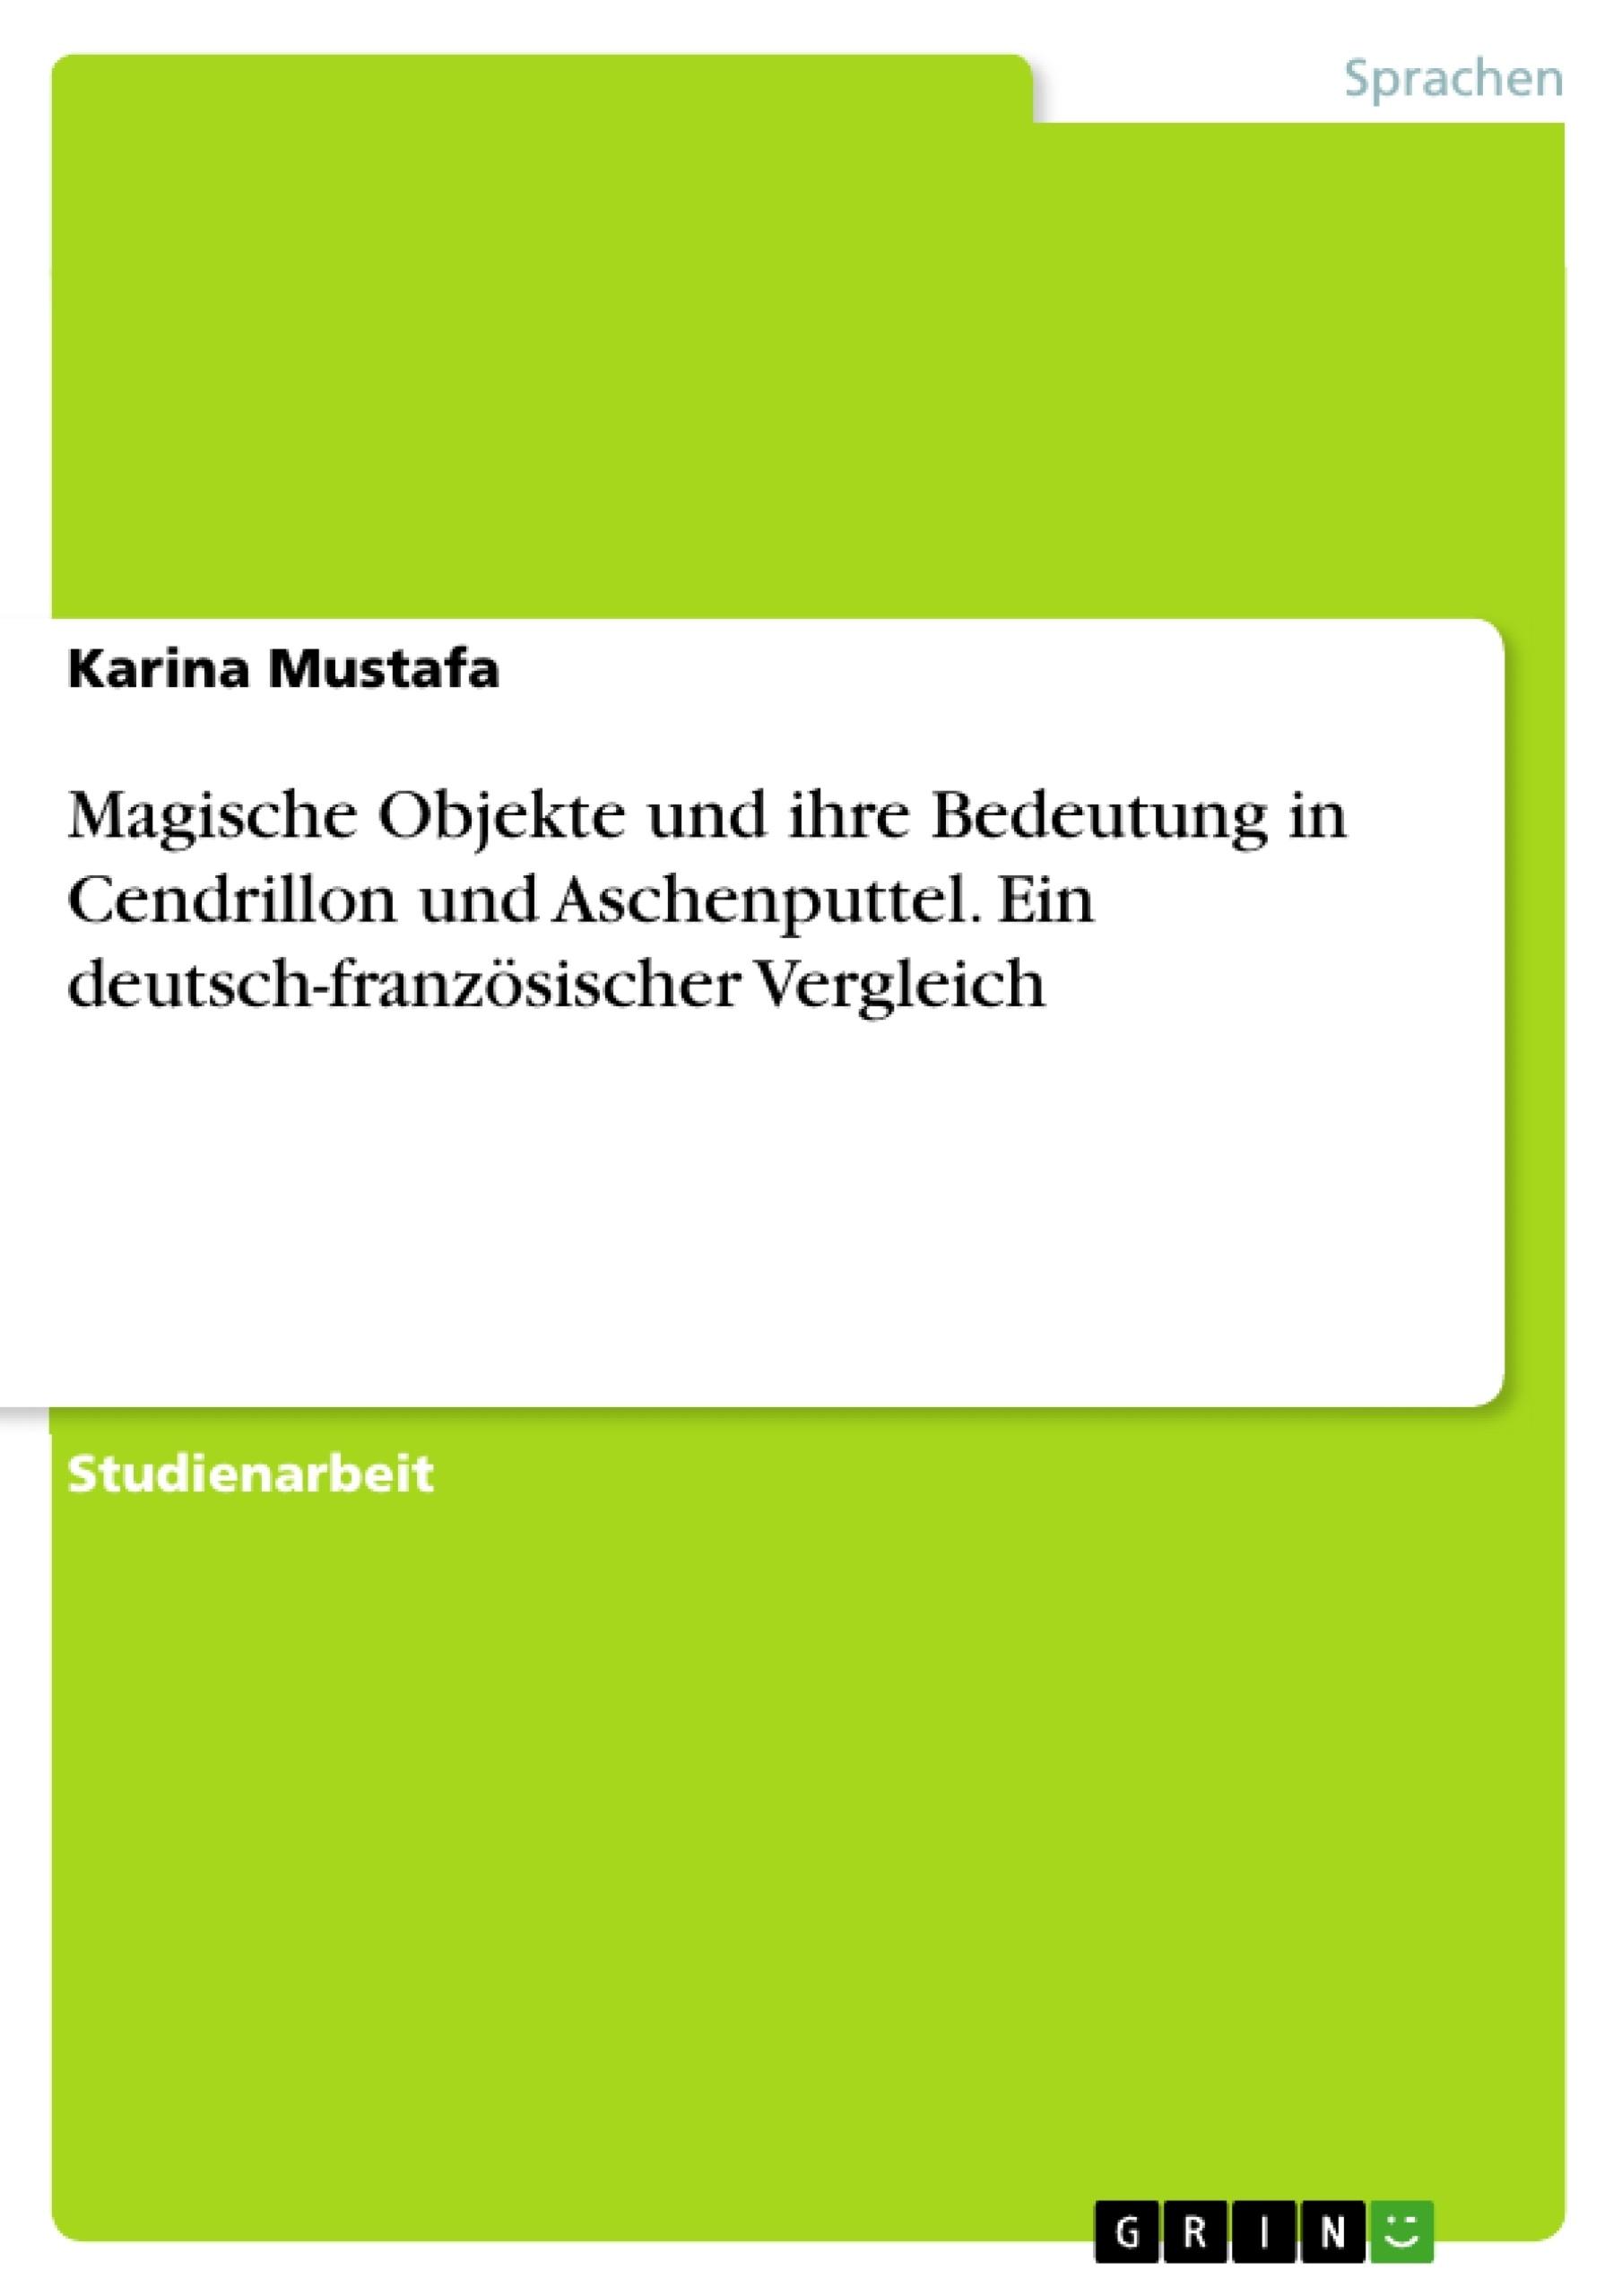 Titel: Magische Objekte und ihre Bedeutung in Cendrillon und Aschenputtel. Ein deutsch-französischer Vergleich